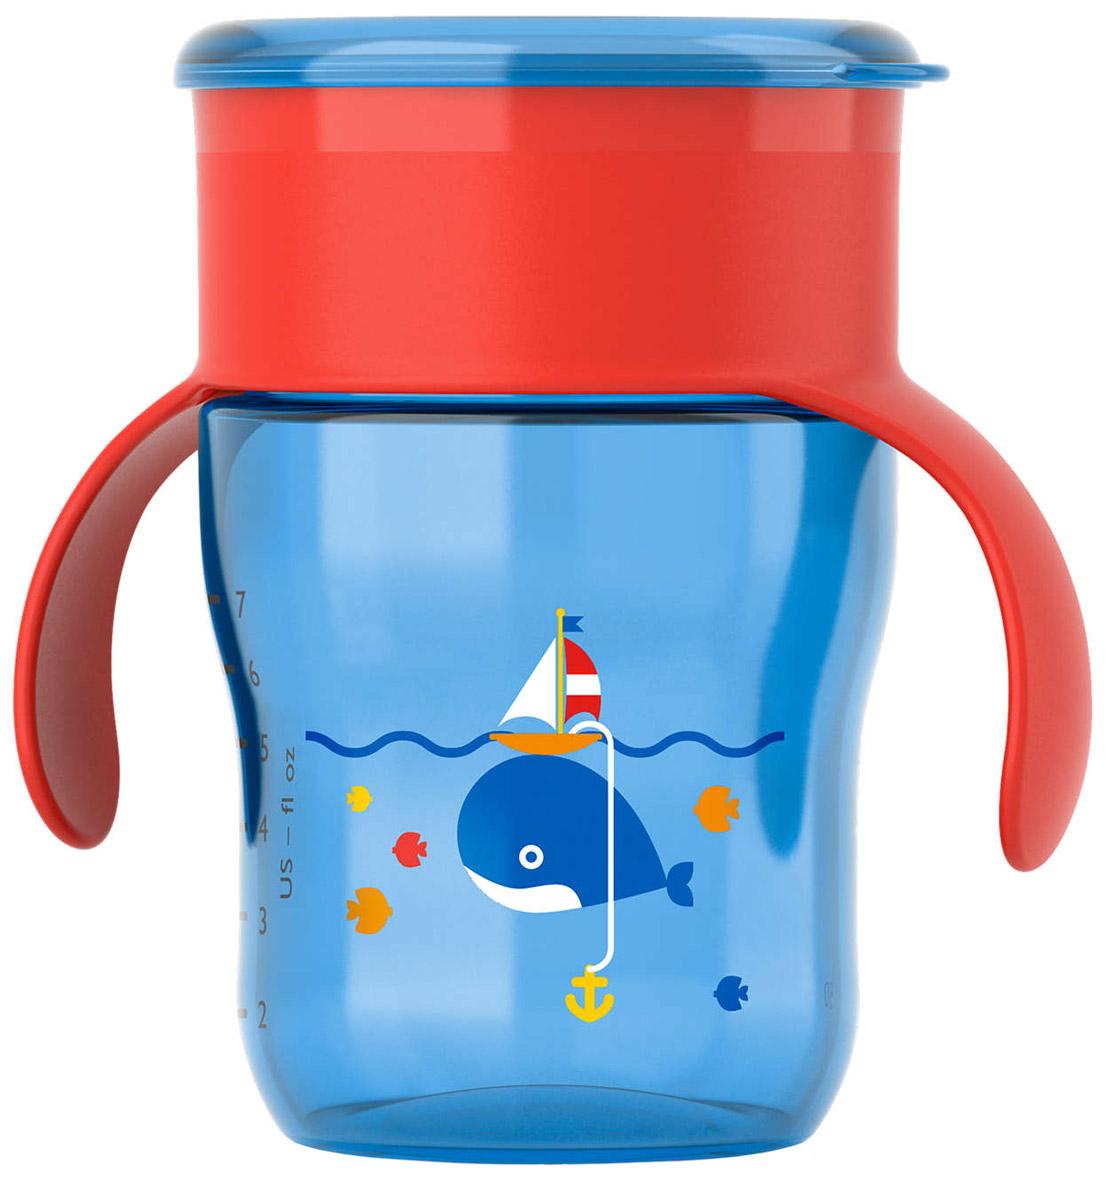 Philips Avent Чашка-поильник от 12 месяцев цвет голубой красный 260 мл кит SCF782/20 philips avent кружка поильник scf782 с 12 мес